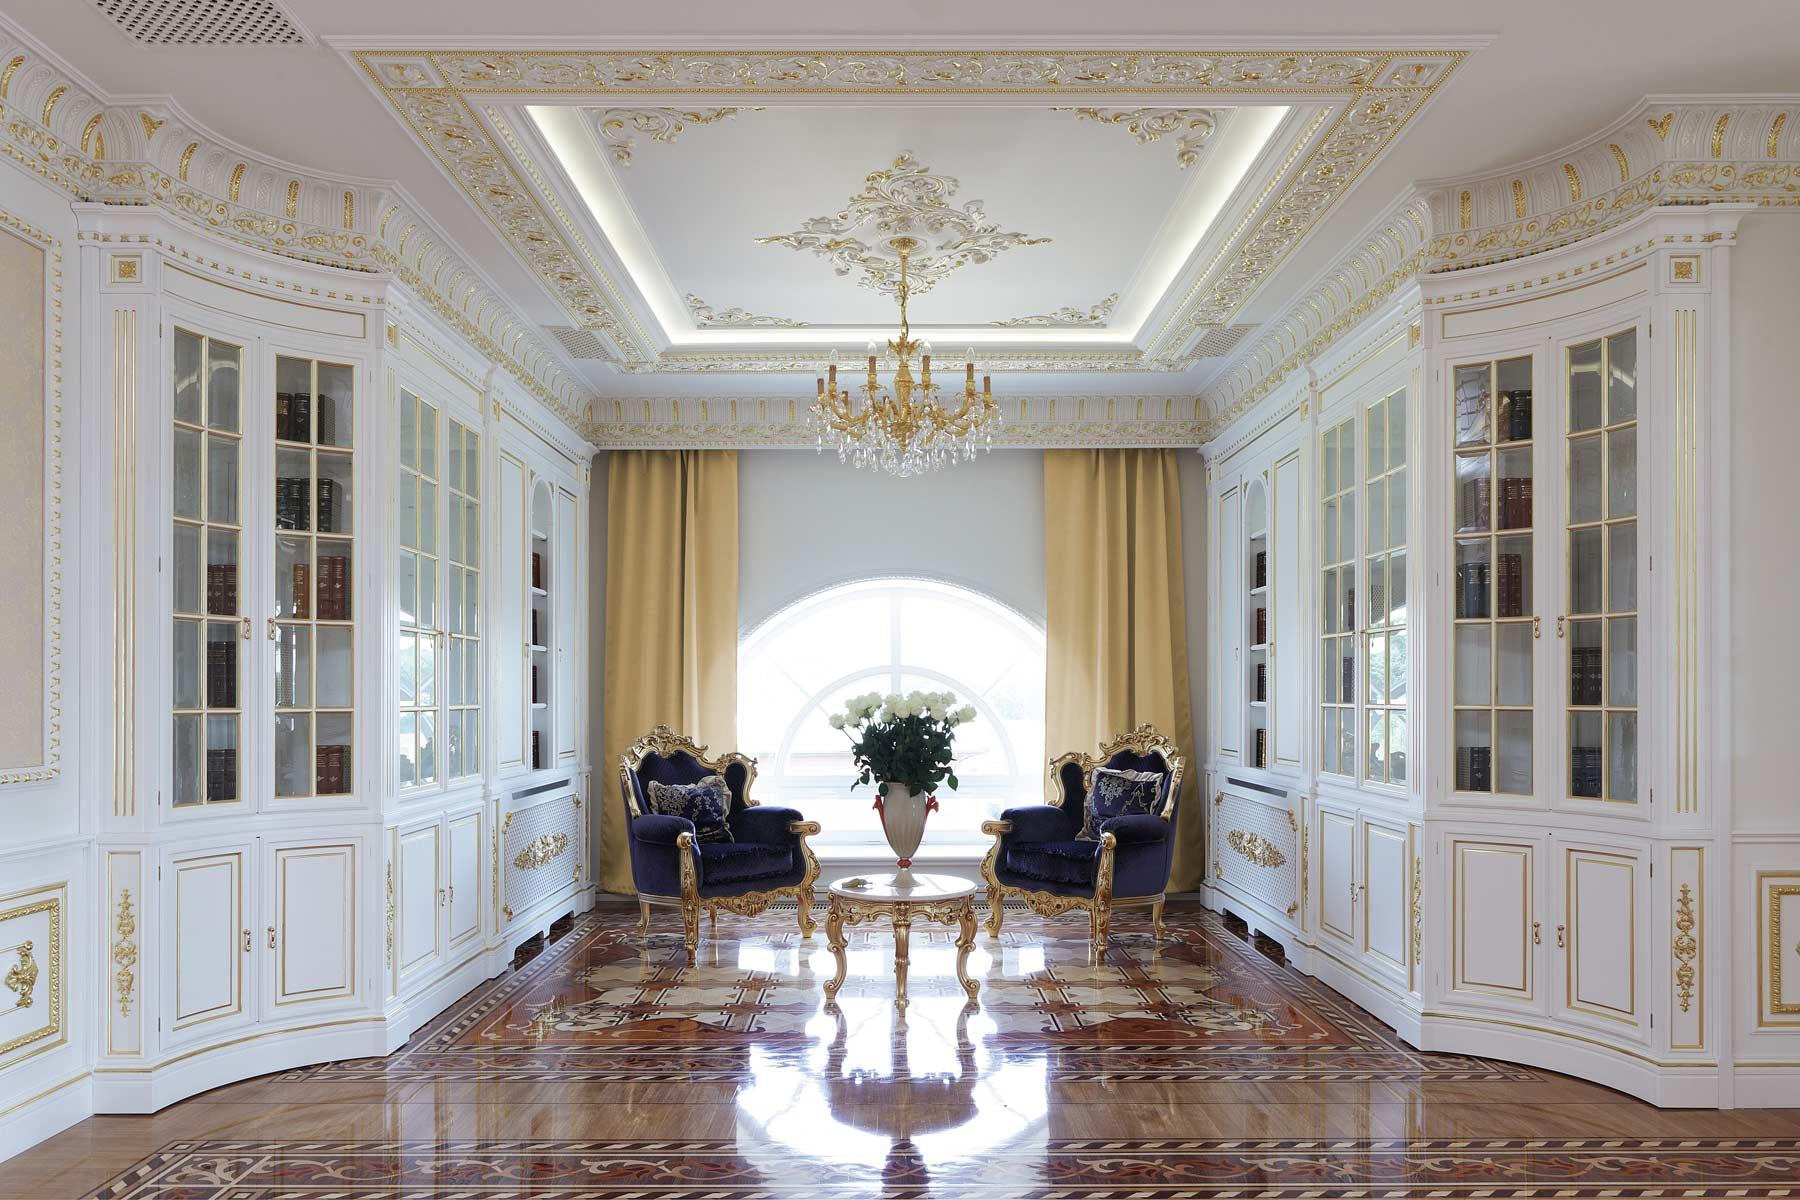 Duca immobiliare residence firenze duca immobiliare for Marche mobili italiani